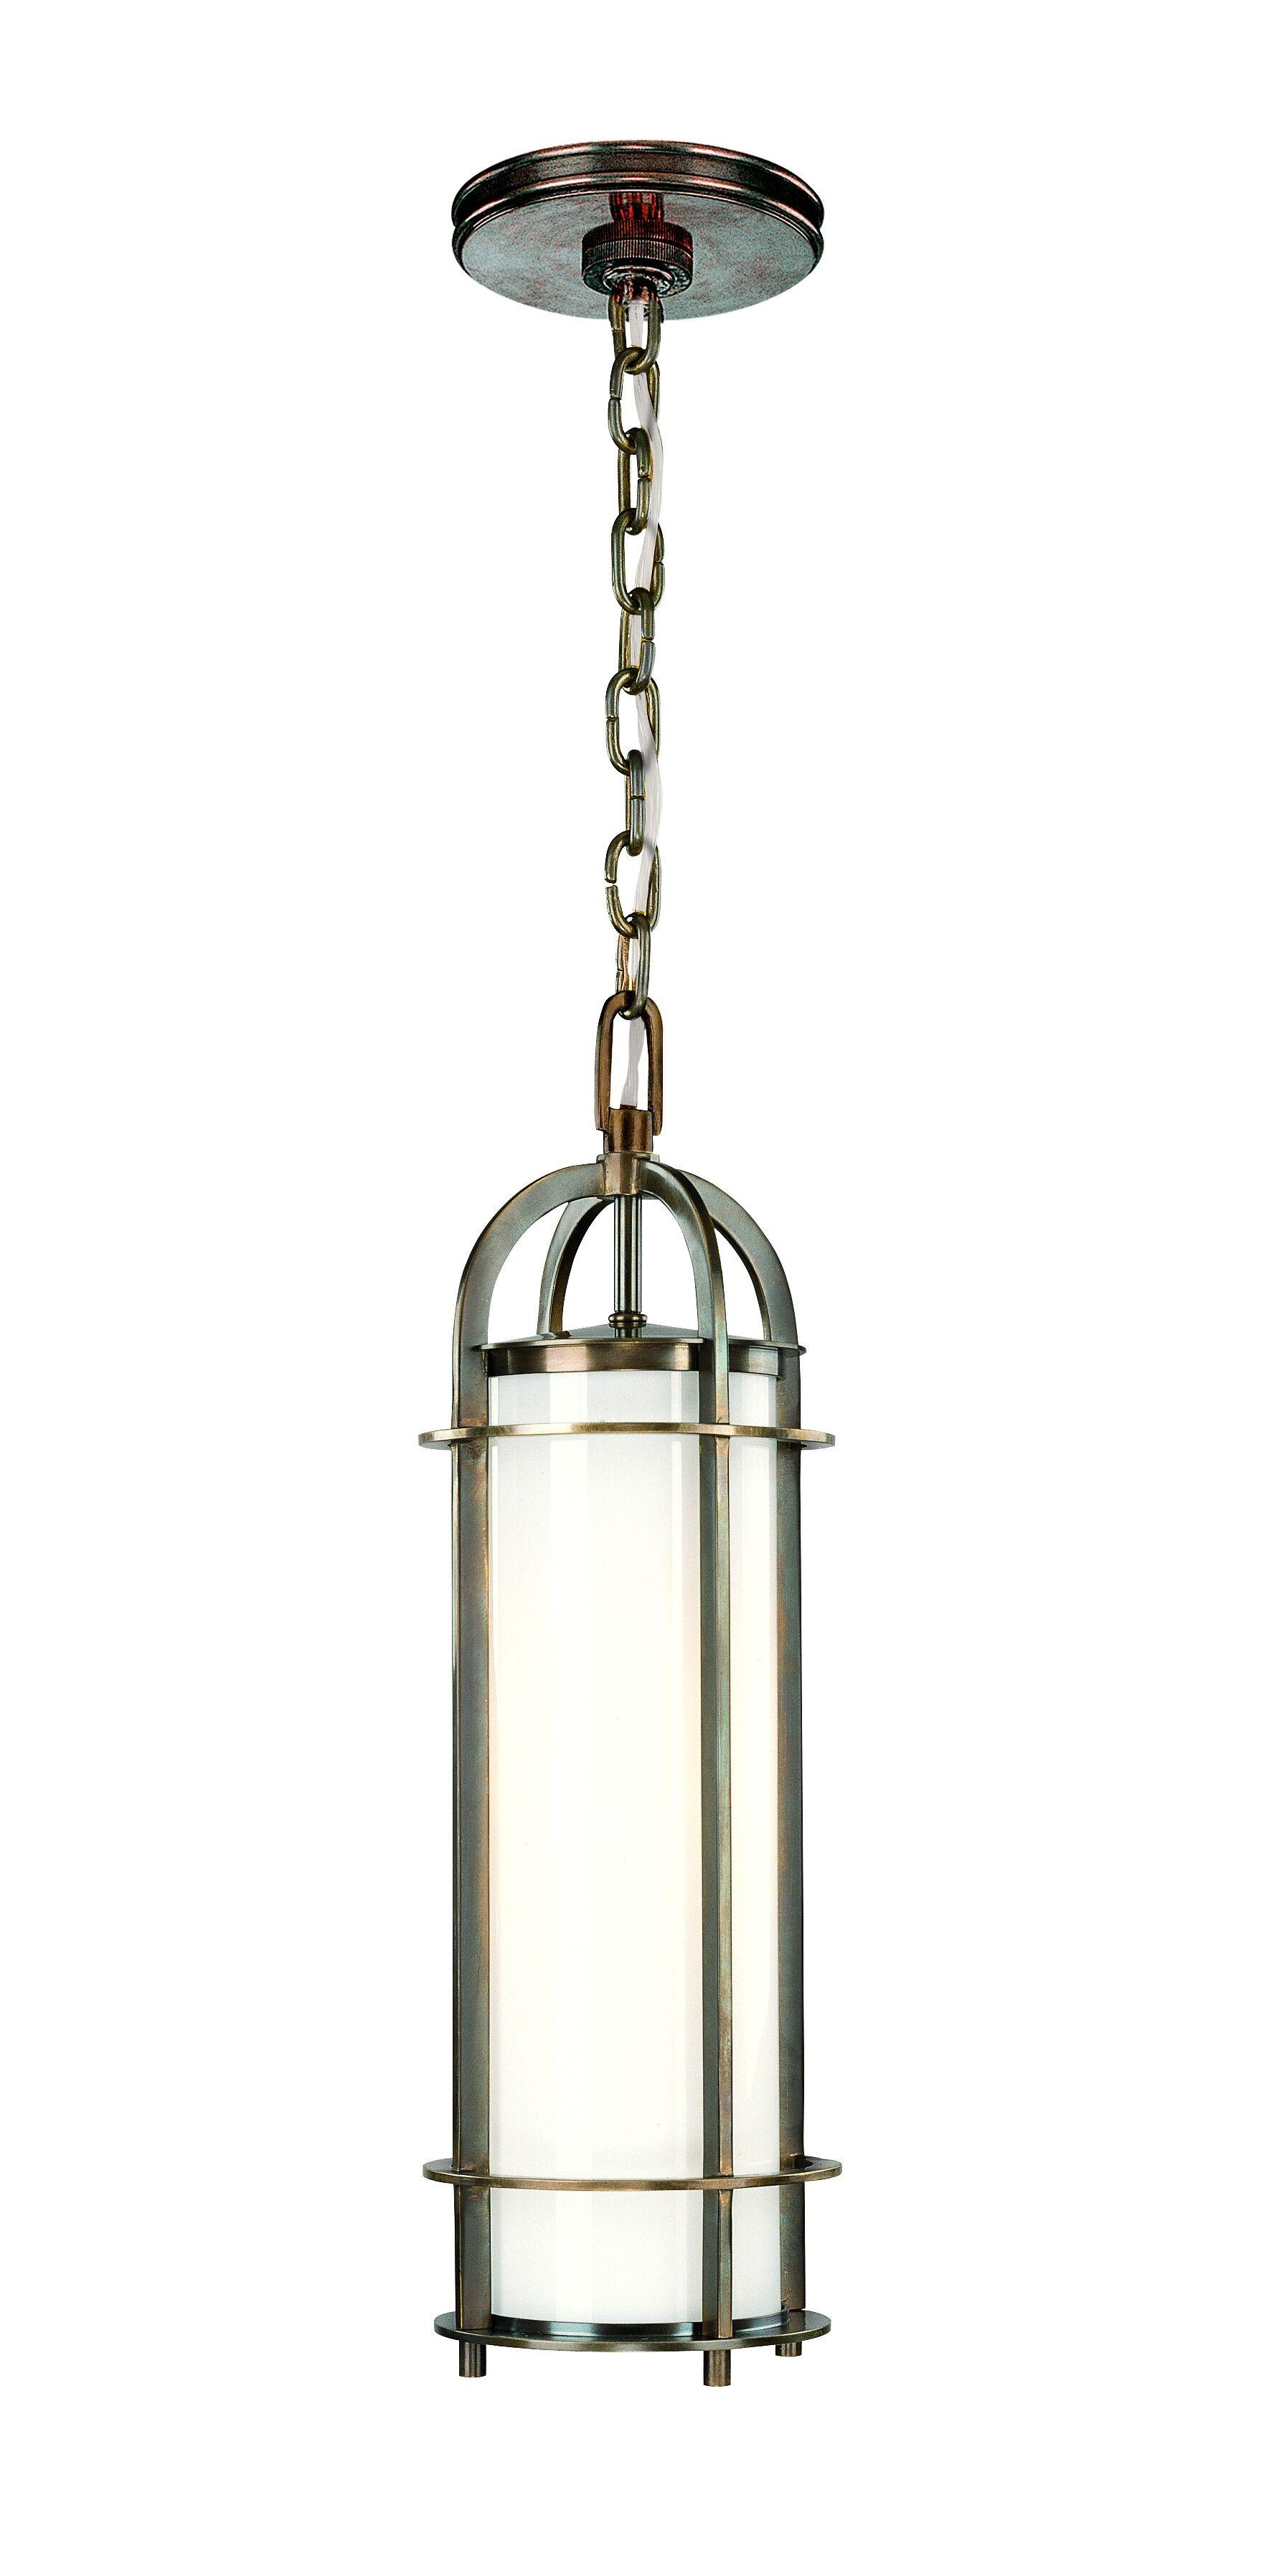 Argus 1-Light Cylinder Pendant Finish: Historic Nickel, Size: 4.25